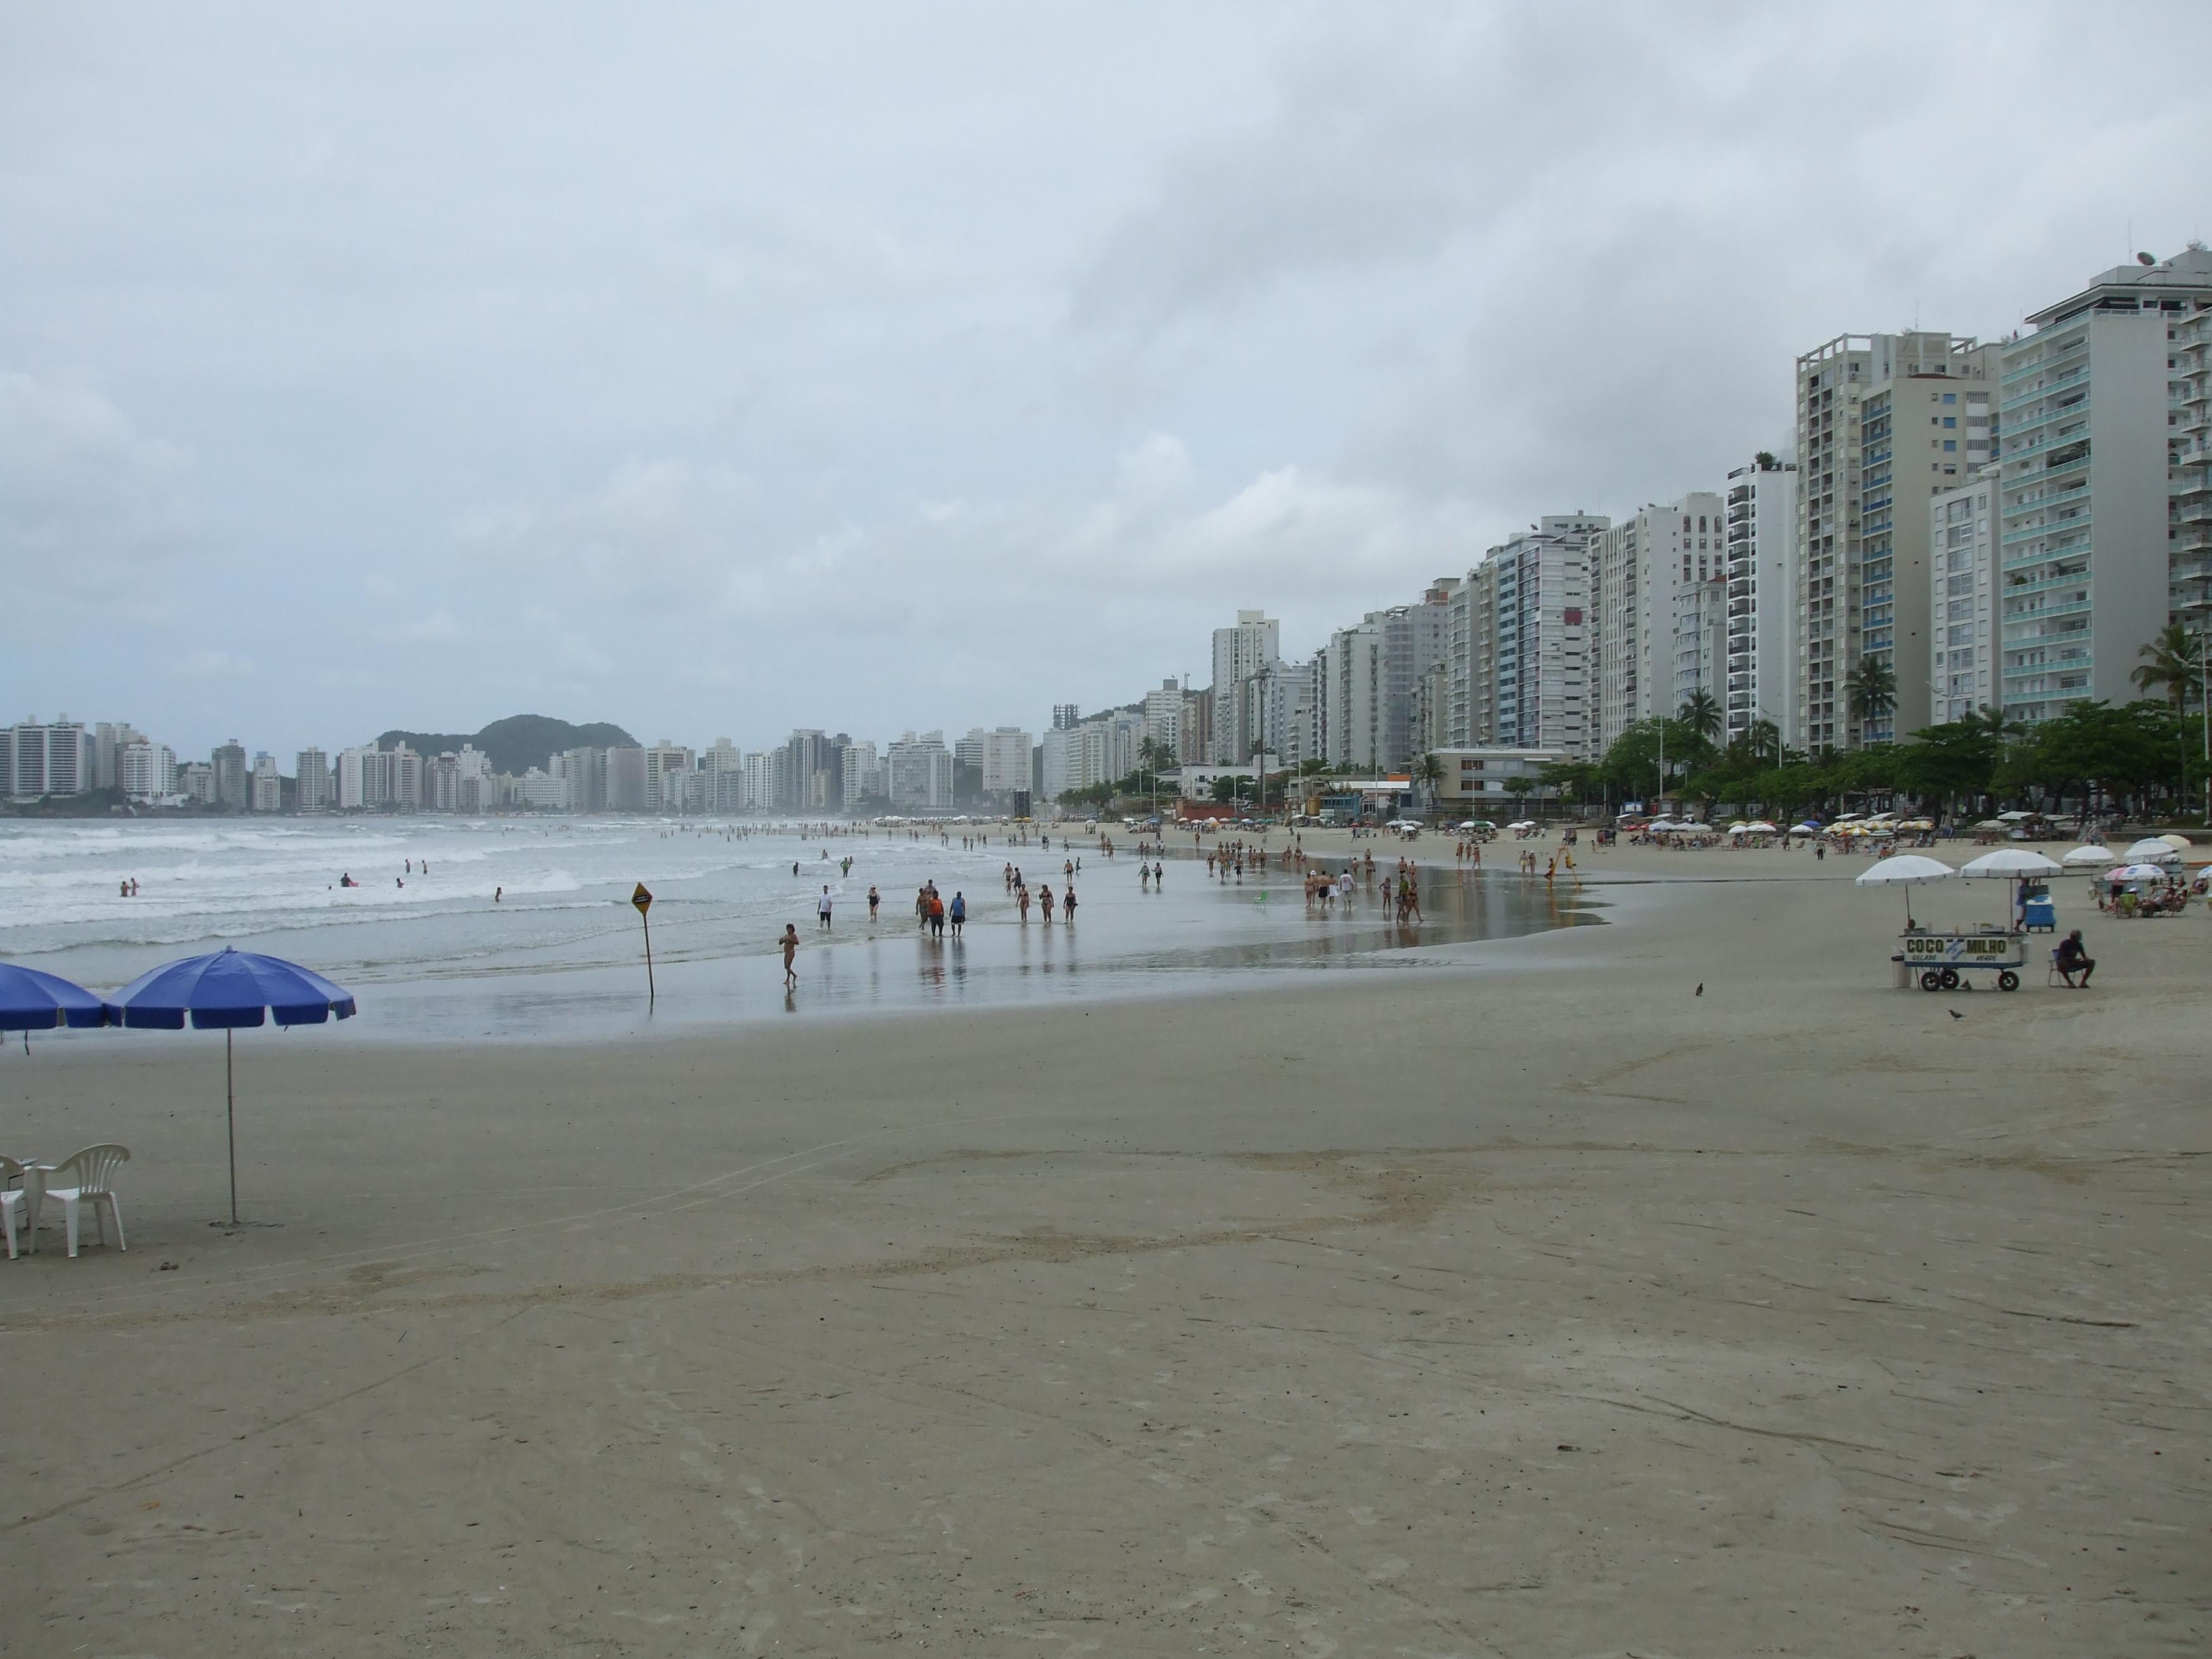 Fotos da praia de asturias guaruja sp 92